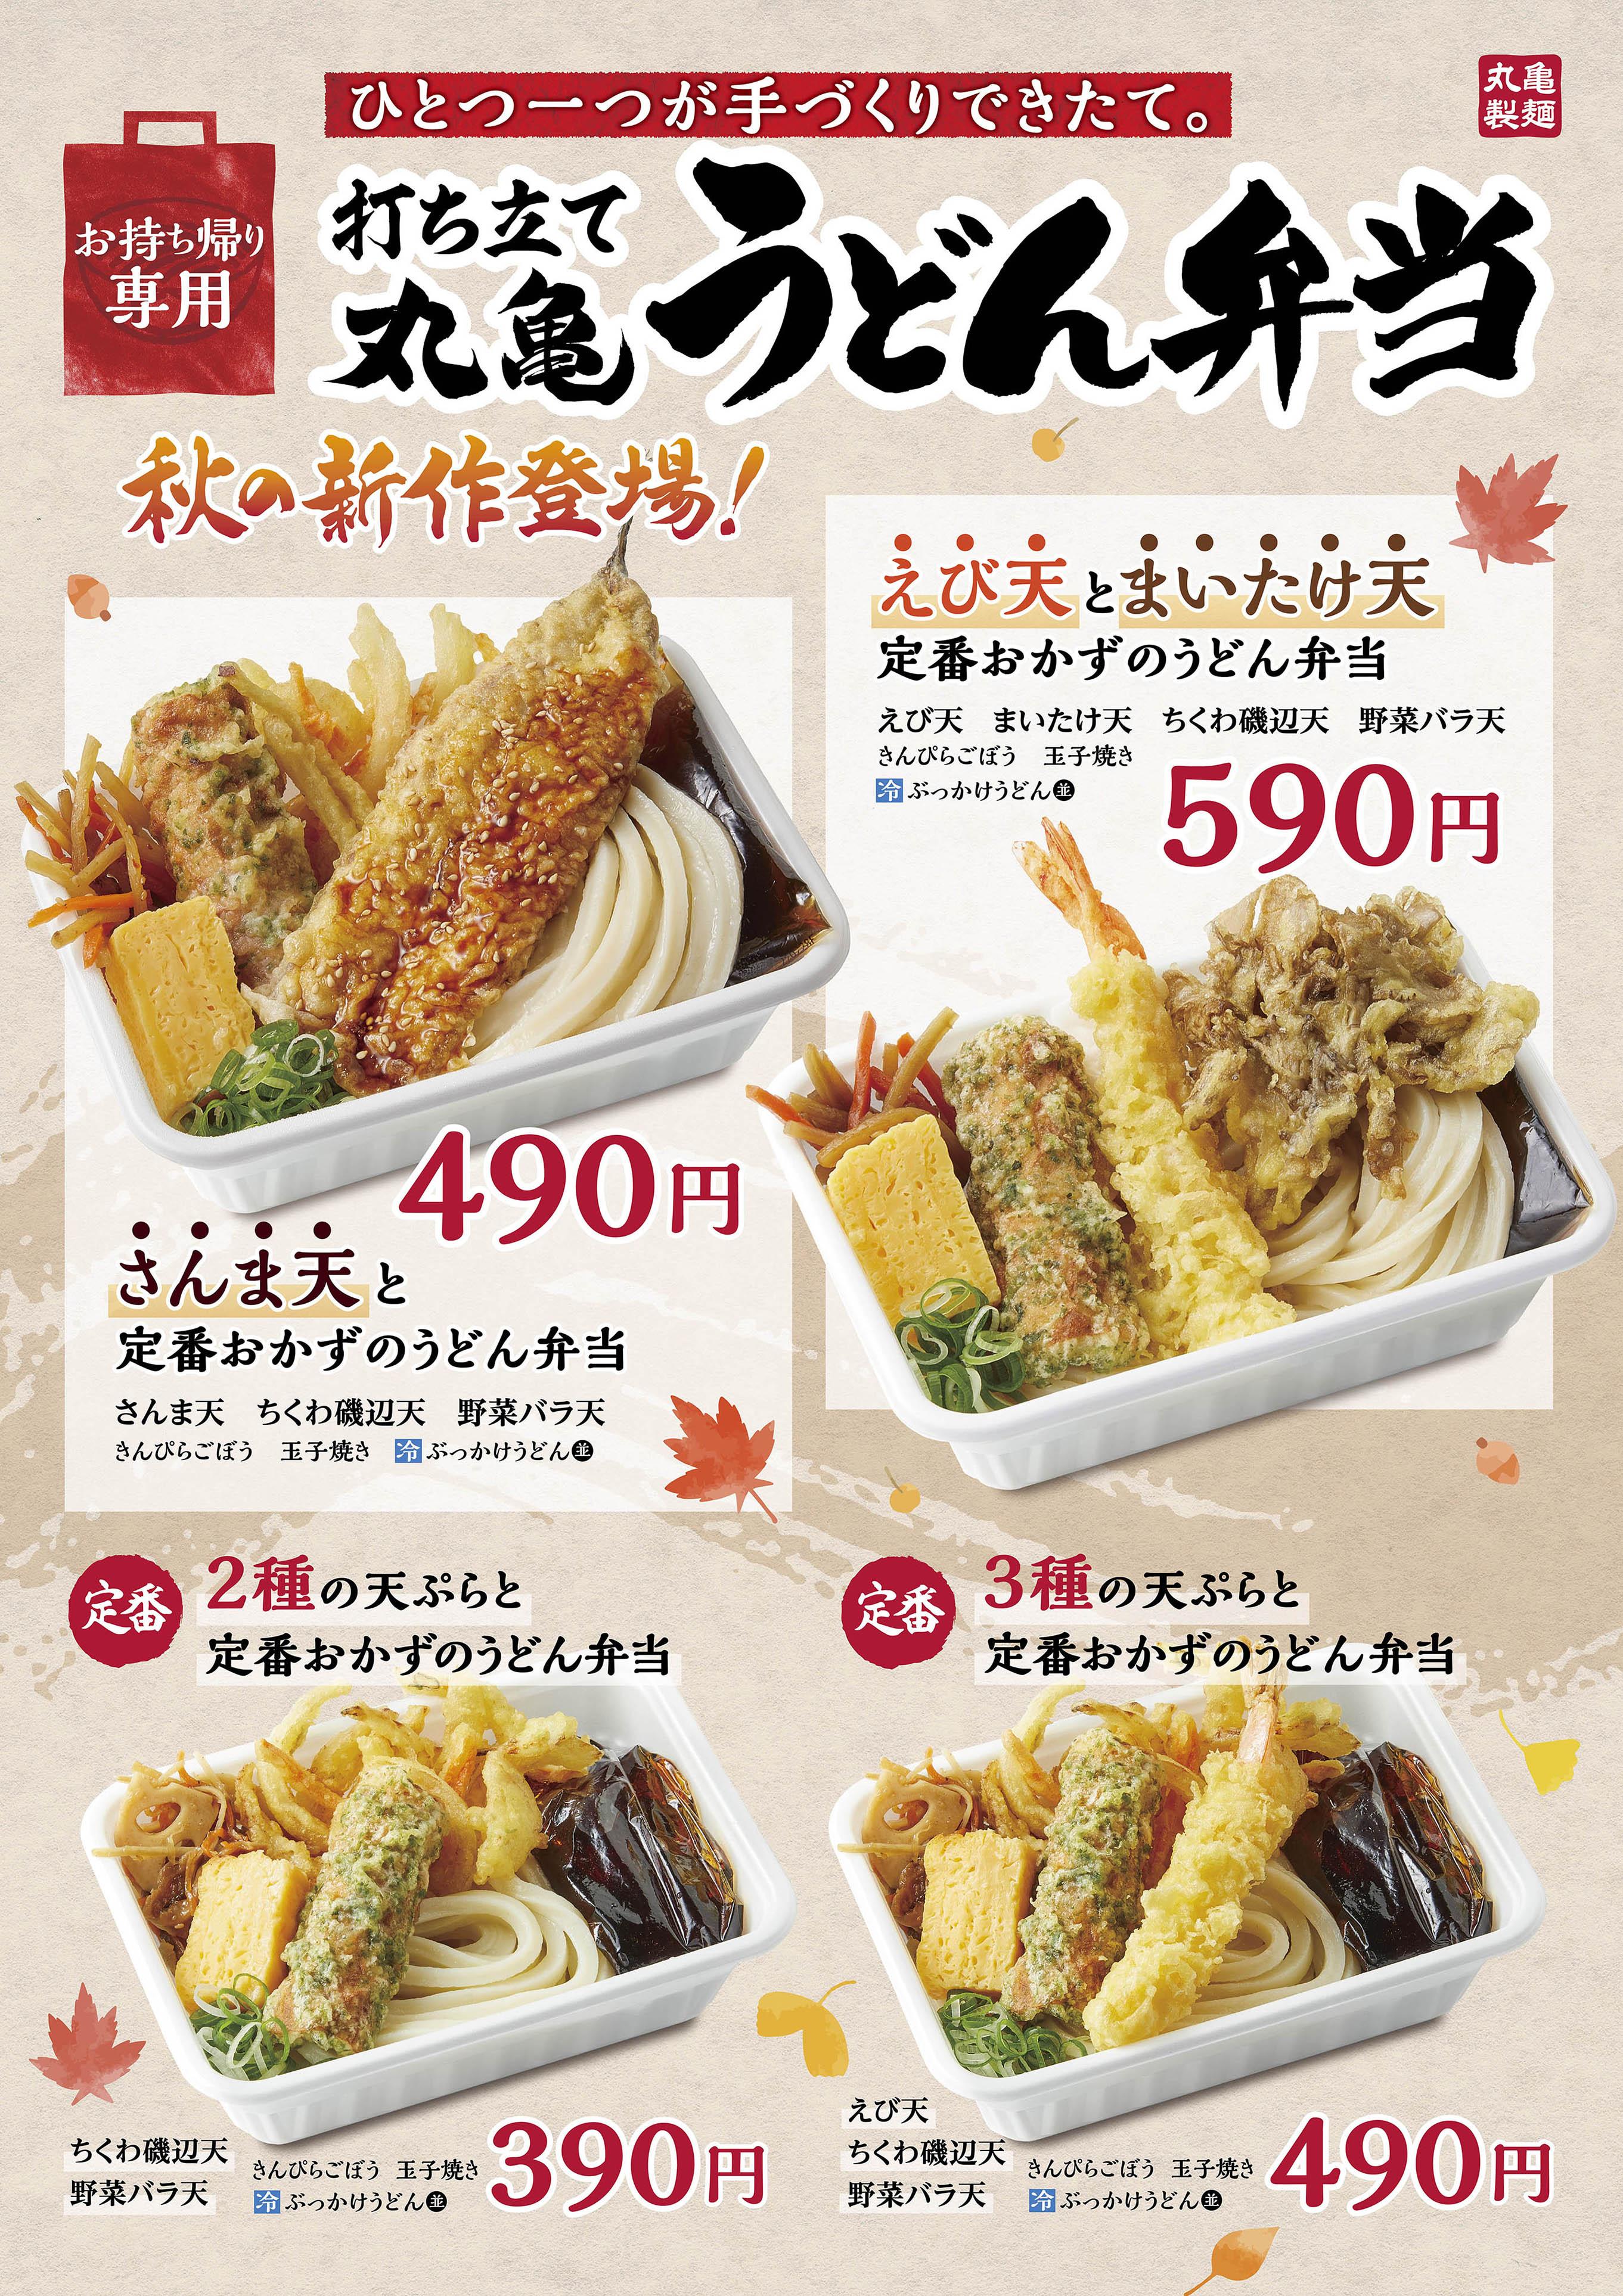 こだわりのもちもち麺と旬のさんまやまいたけの天ぷらが詰まった 『丸亀うどん弁当』から秋の新作2種が新登場!